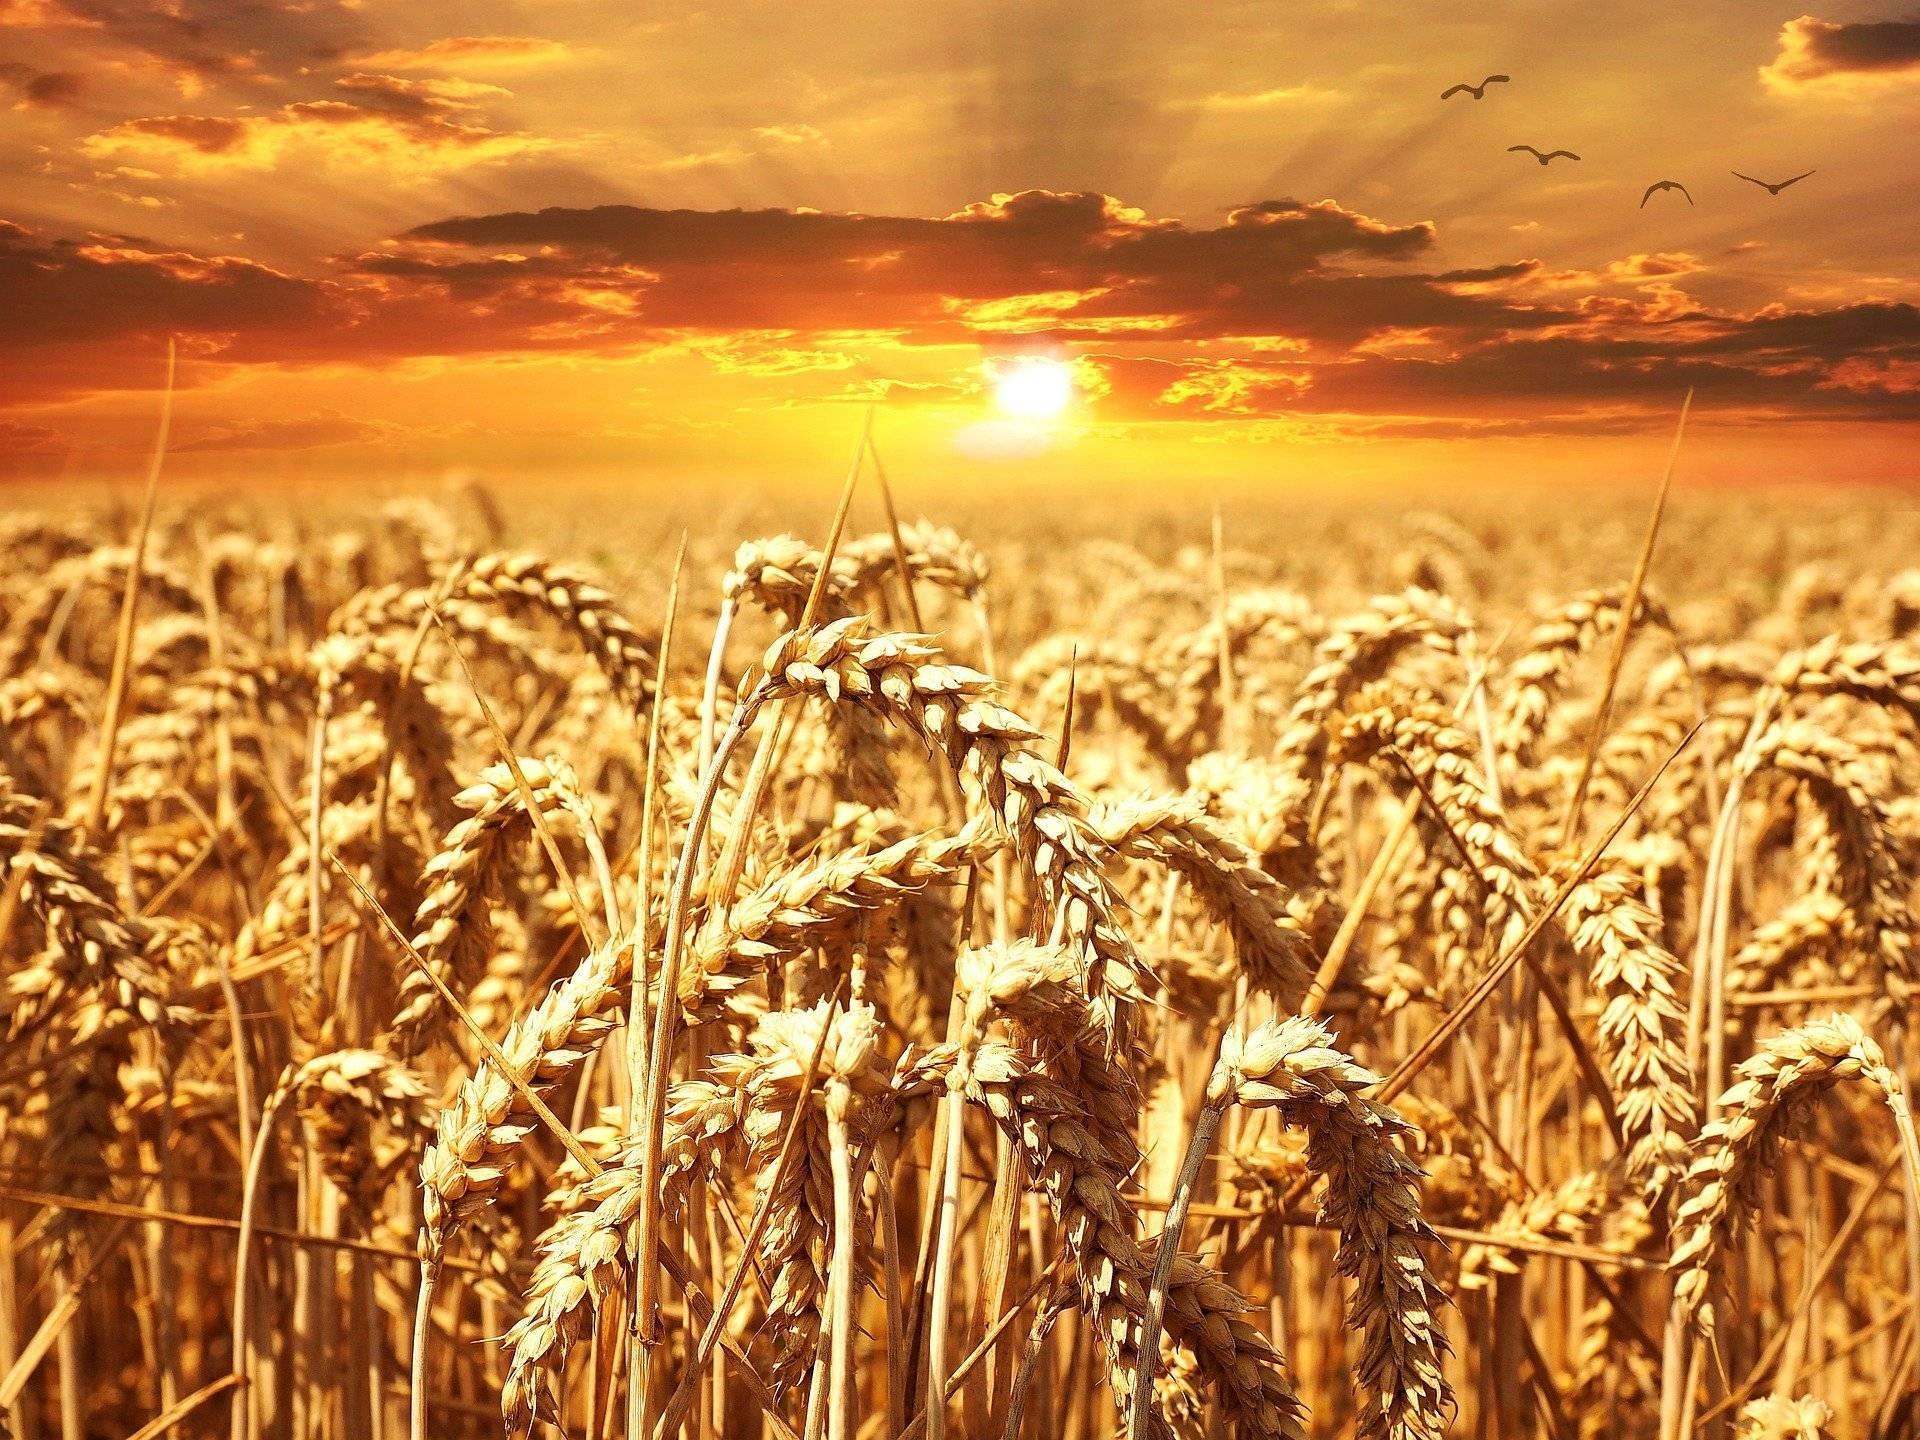 România are cea mai bună producție de grâu din ultimii 10 ani. Cezar Gheorghe despre creșterea prețurilor